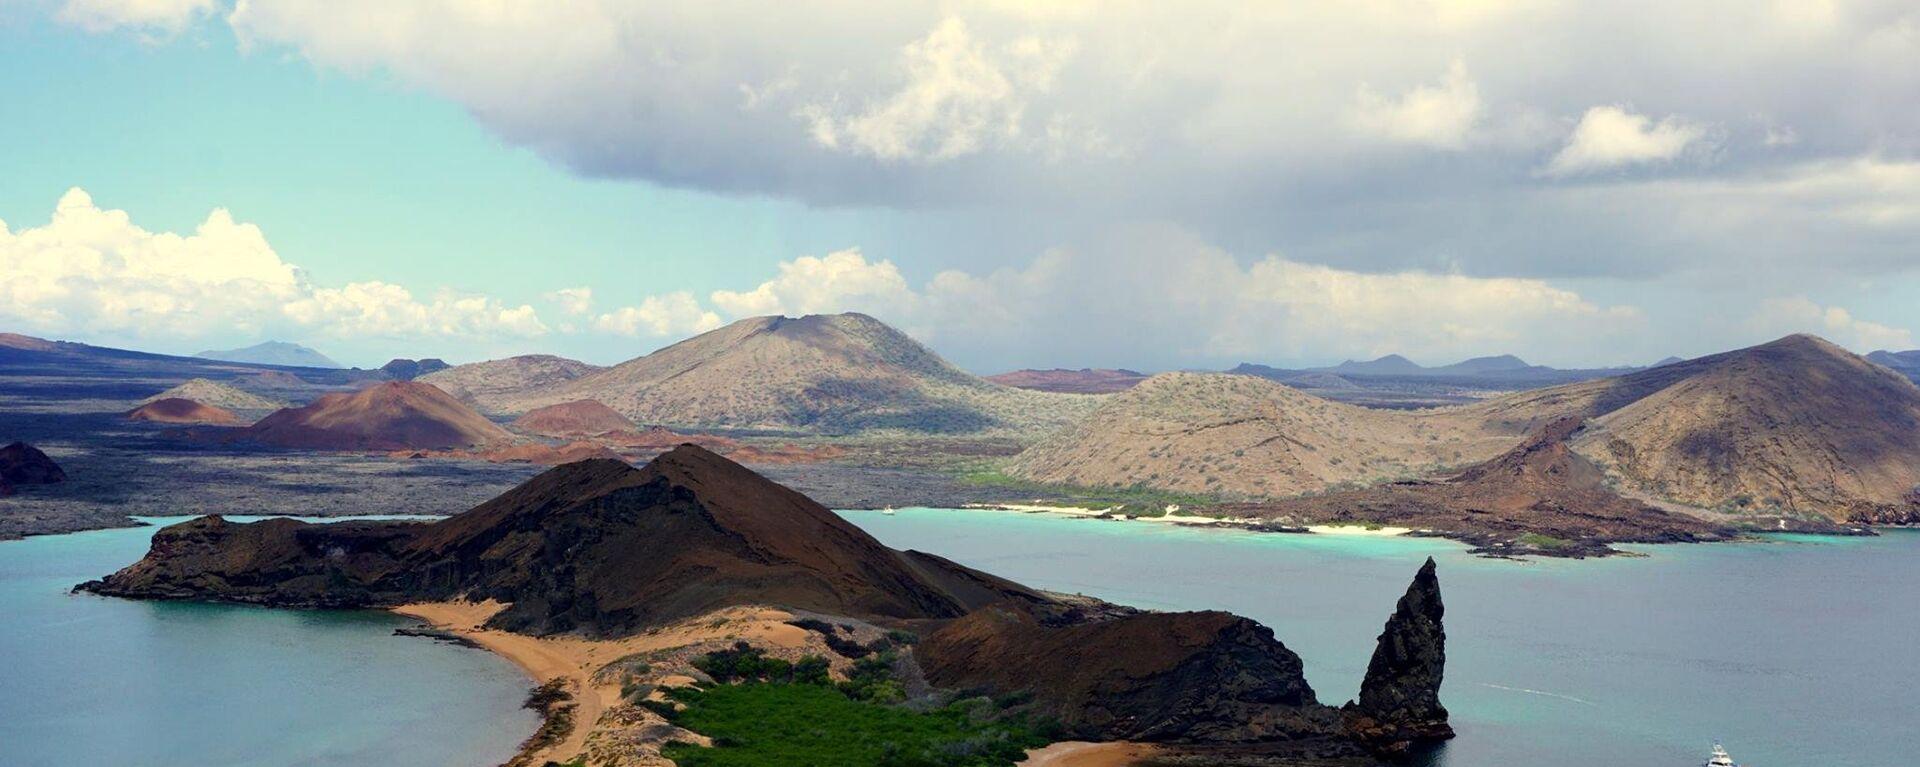 Las Islas Galápagos - Sputnik Mundo, 1920, 16.04.2021